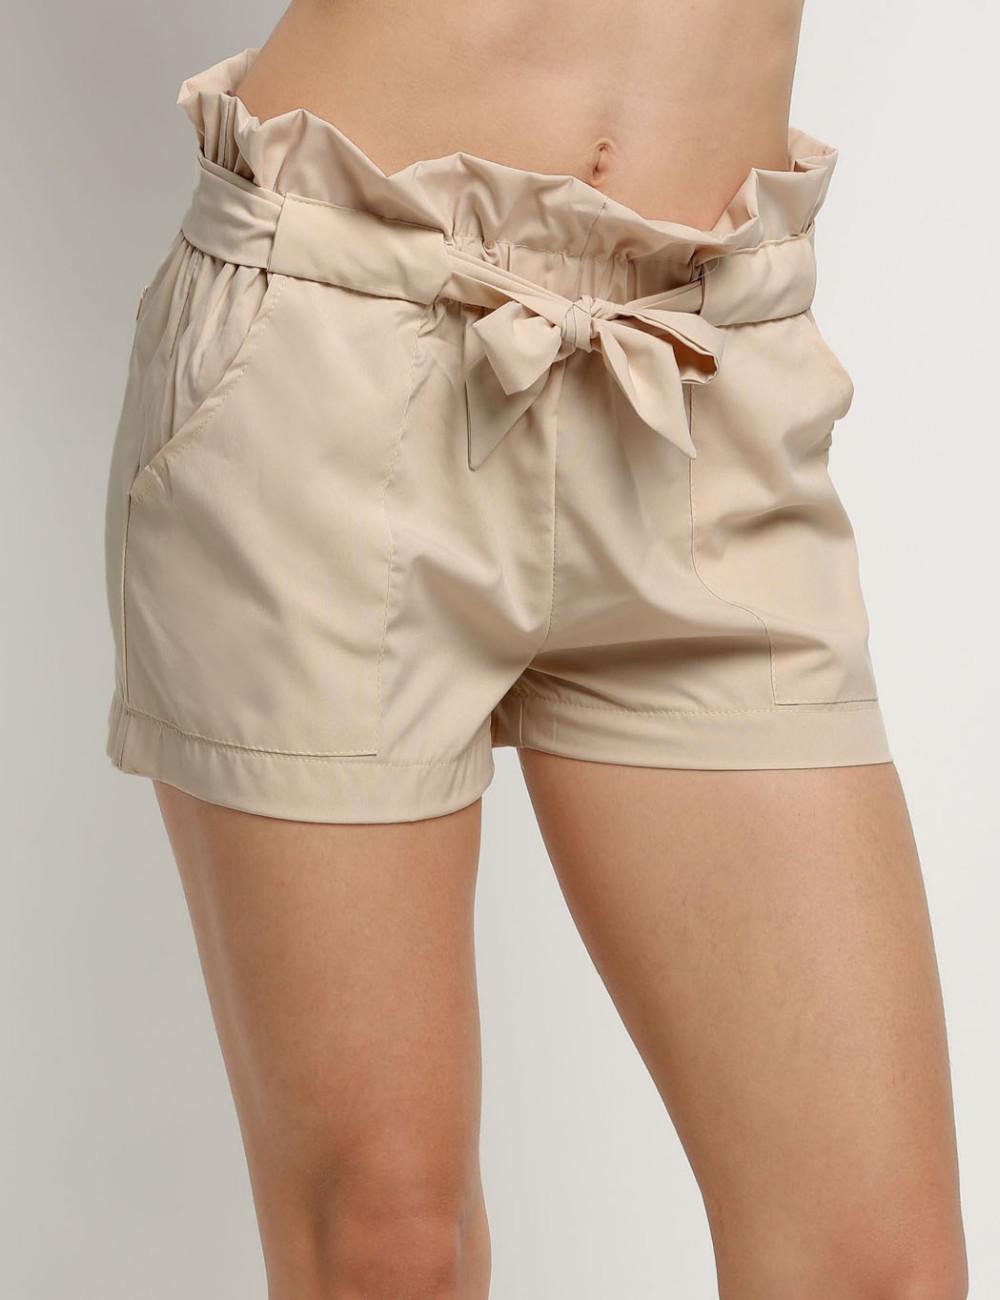 HTB11OZONFXXXXb4XpXXq6xXFXXXU - High Waist Shorts Loose Shorts With Belt Woman PTC 59